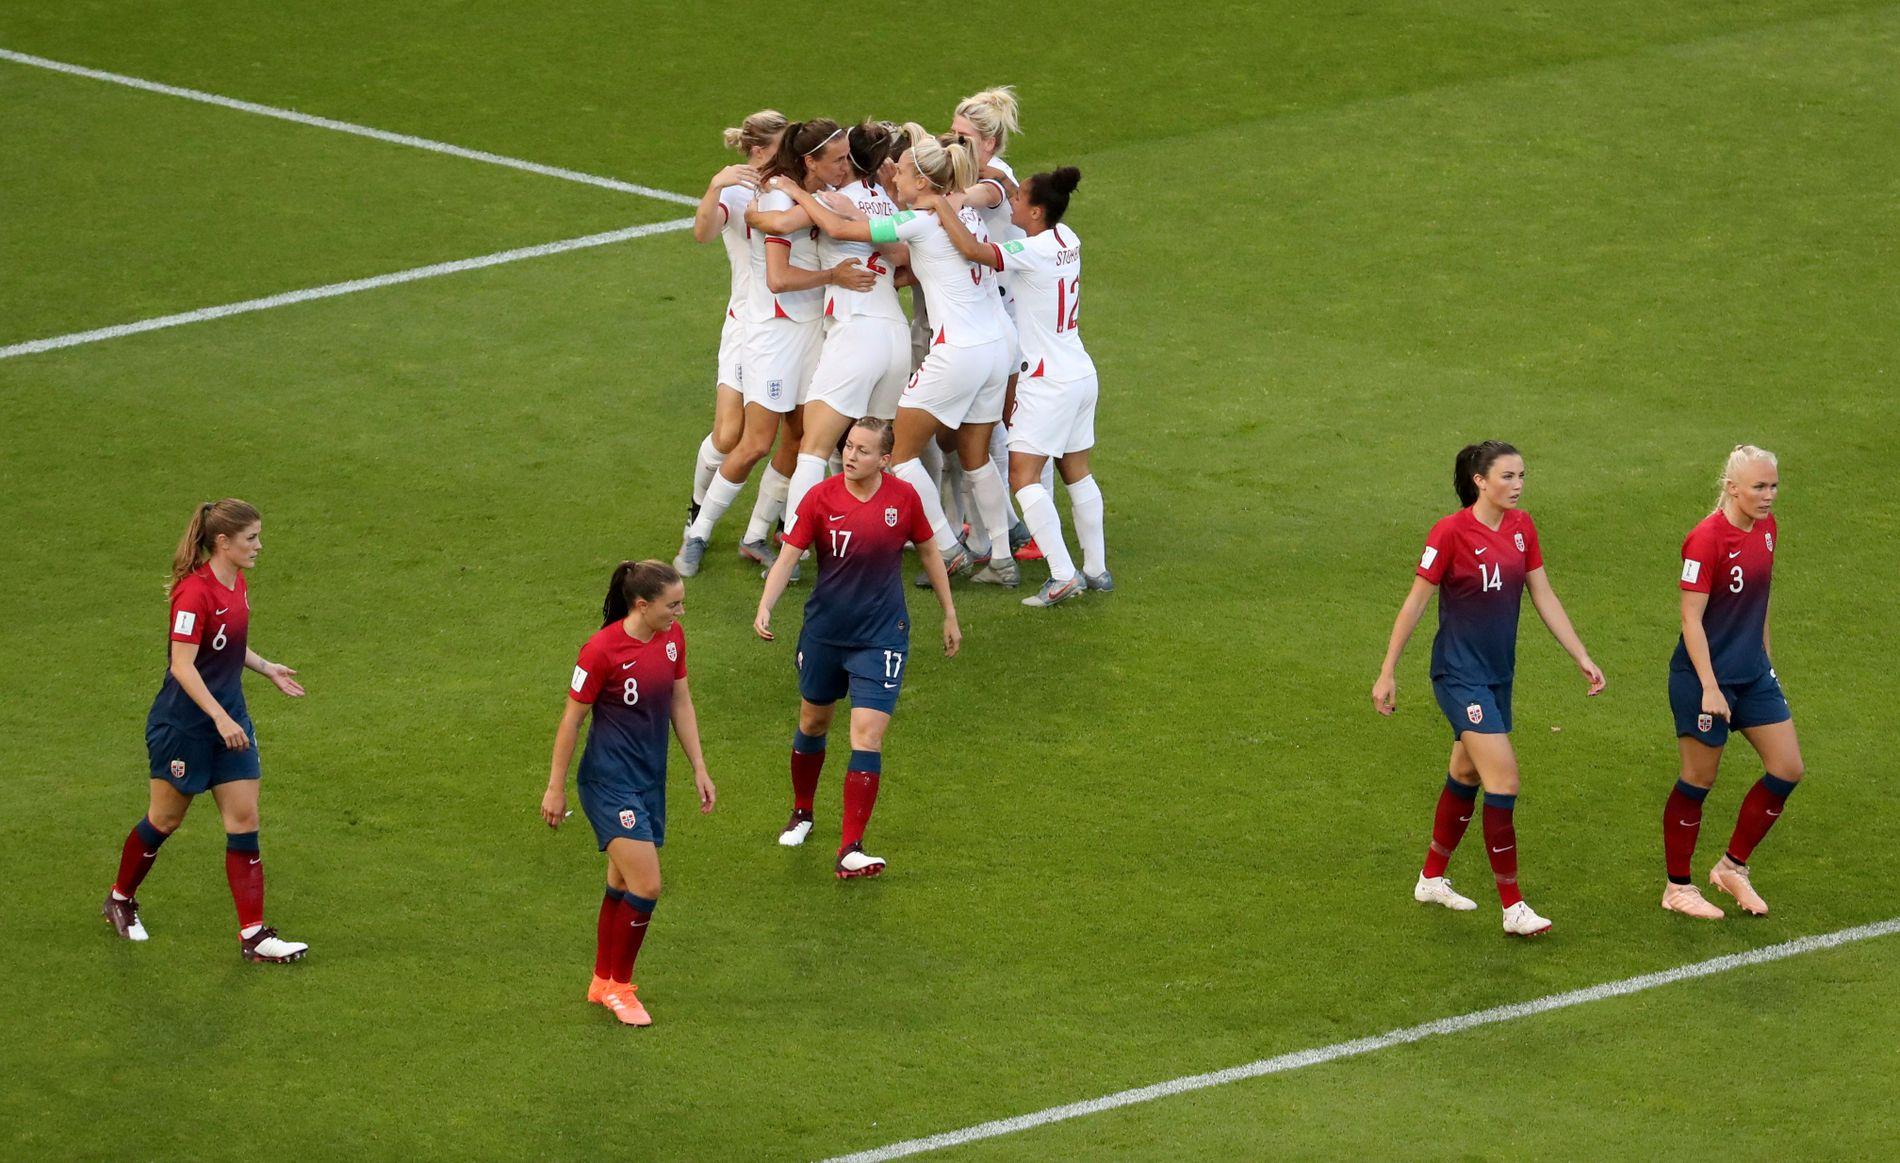 England-spillerne jubler etter Jill Scotts ledermål, mens de norske spillerne fortviler. England avanserte til semifinalen med 3–0-seier.